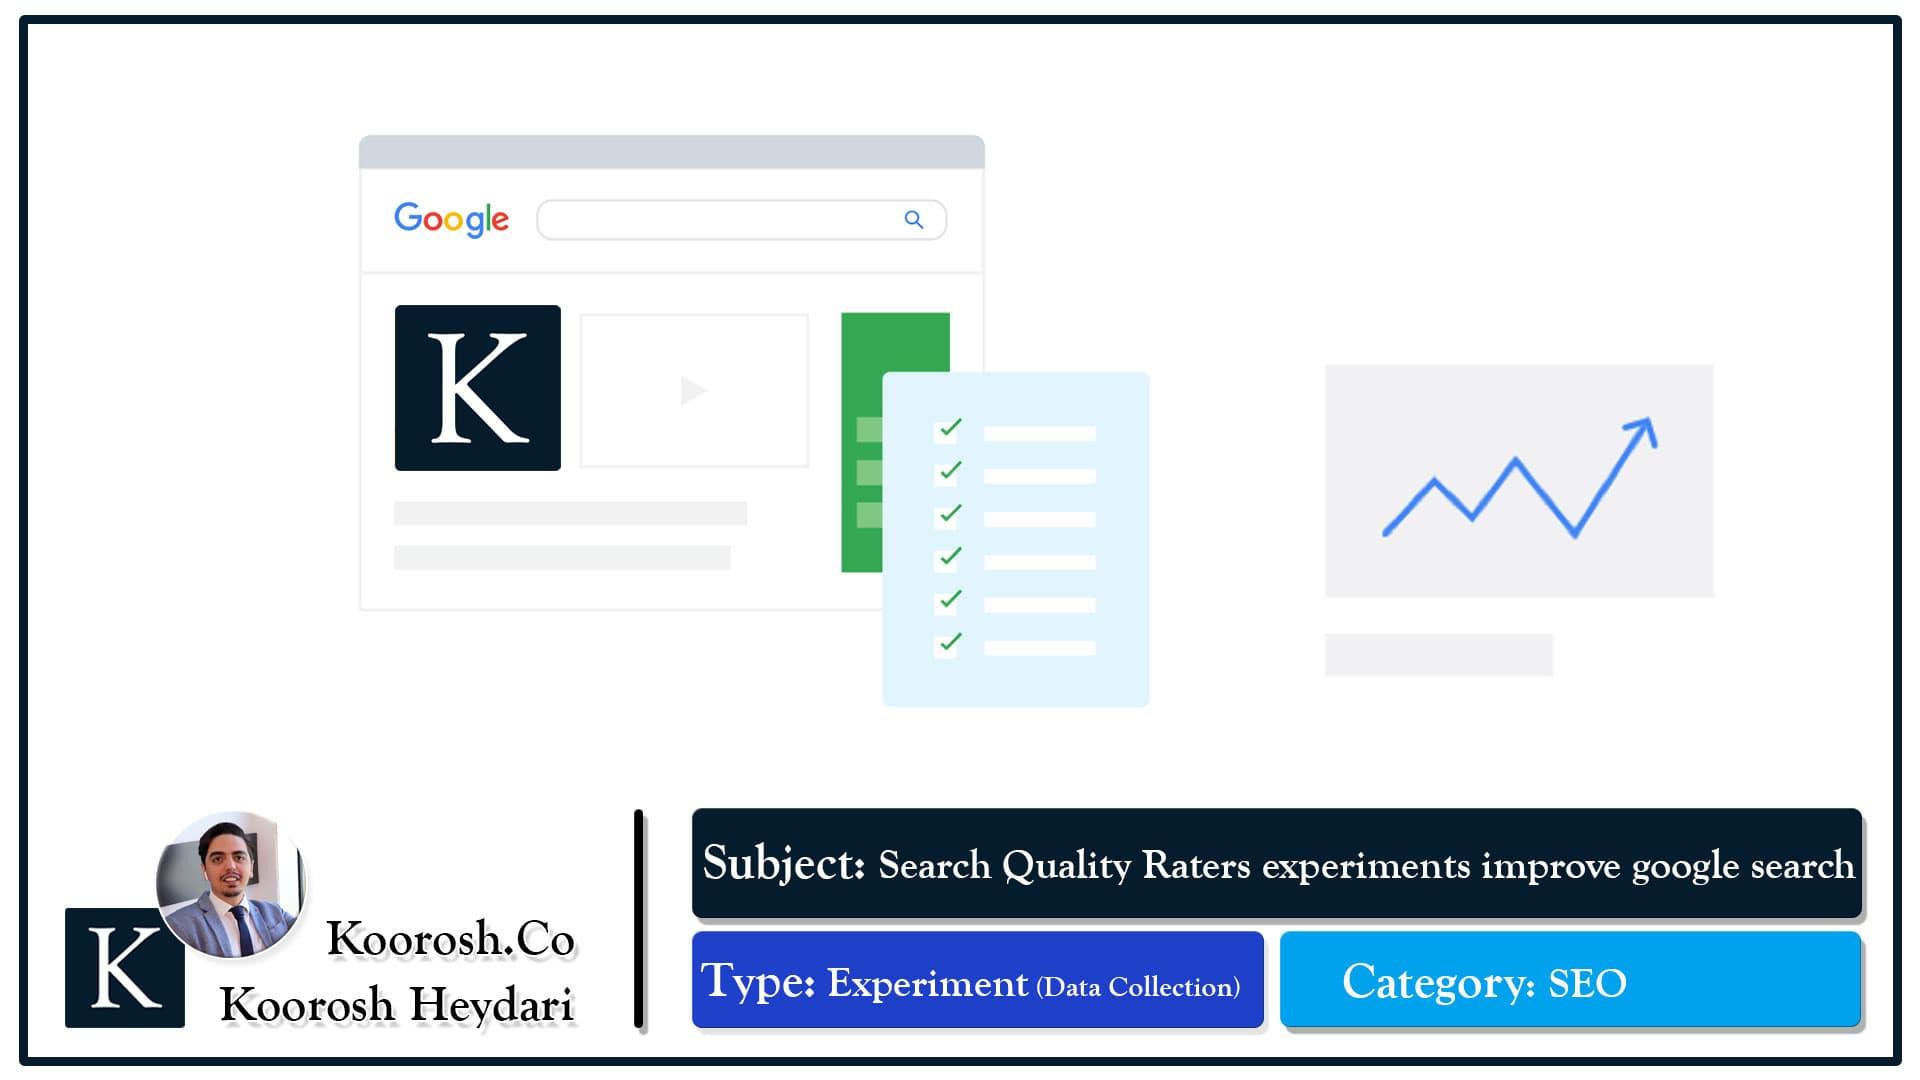 رتبه دهندگان به کیفیت نتایج جستجوی گوگل – Search Quality Raters